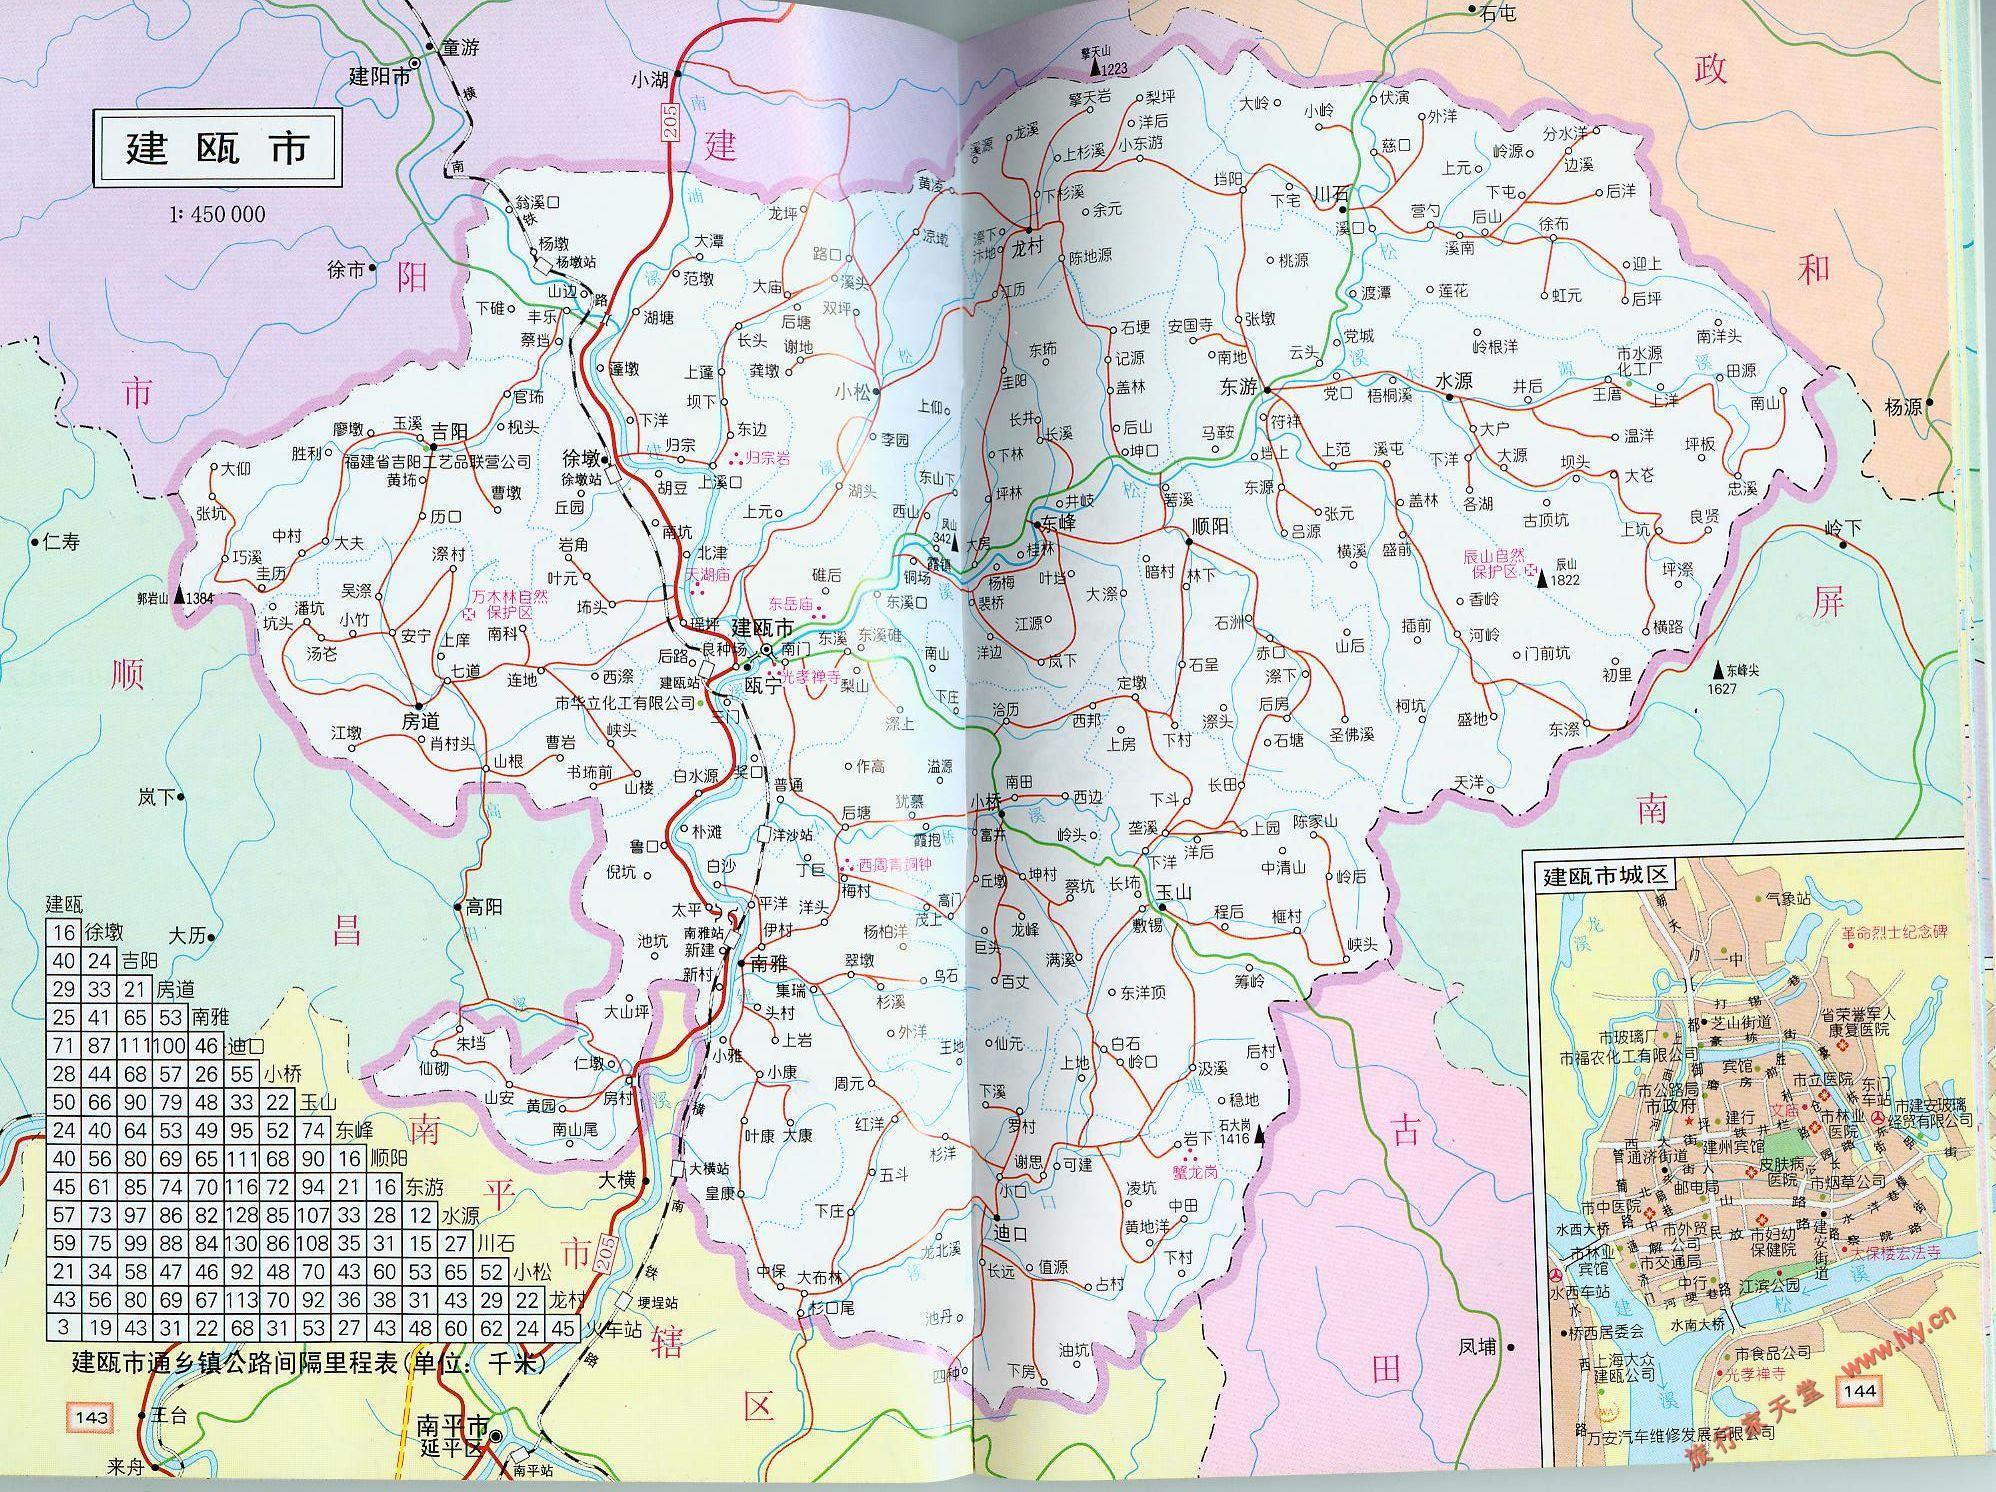 建瓯市交通地图